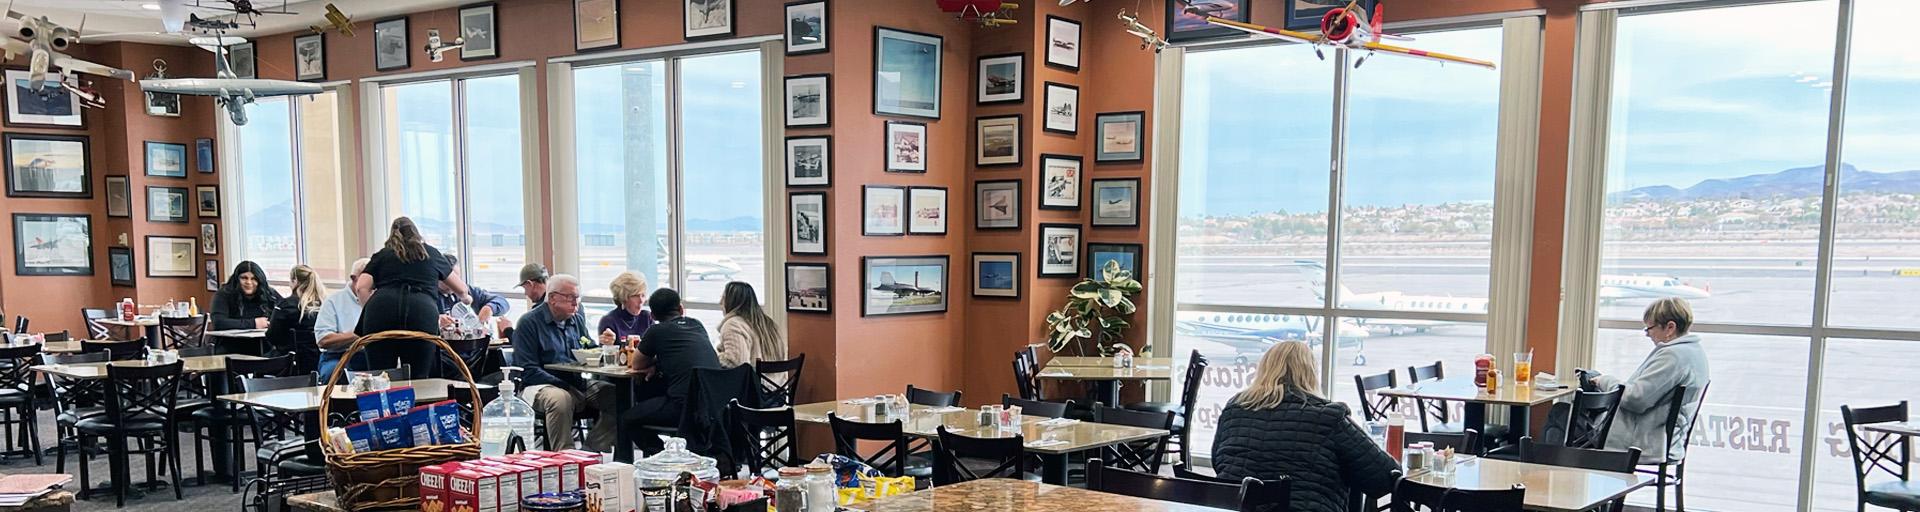 The Landings Restaurant Scene